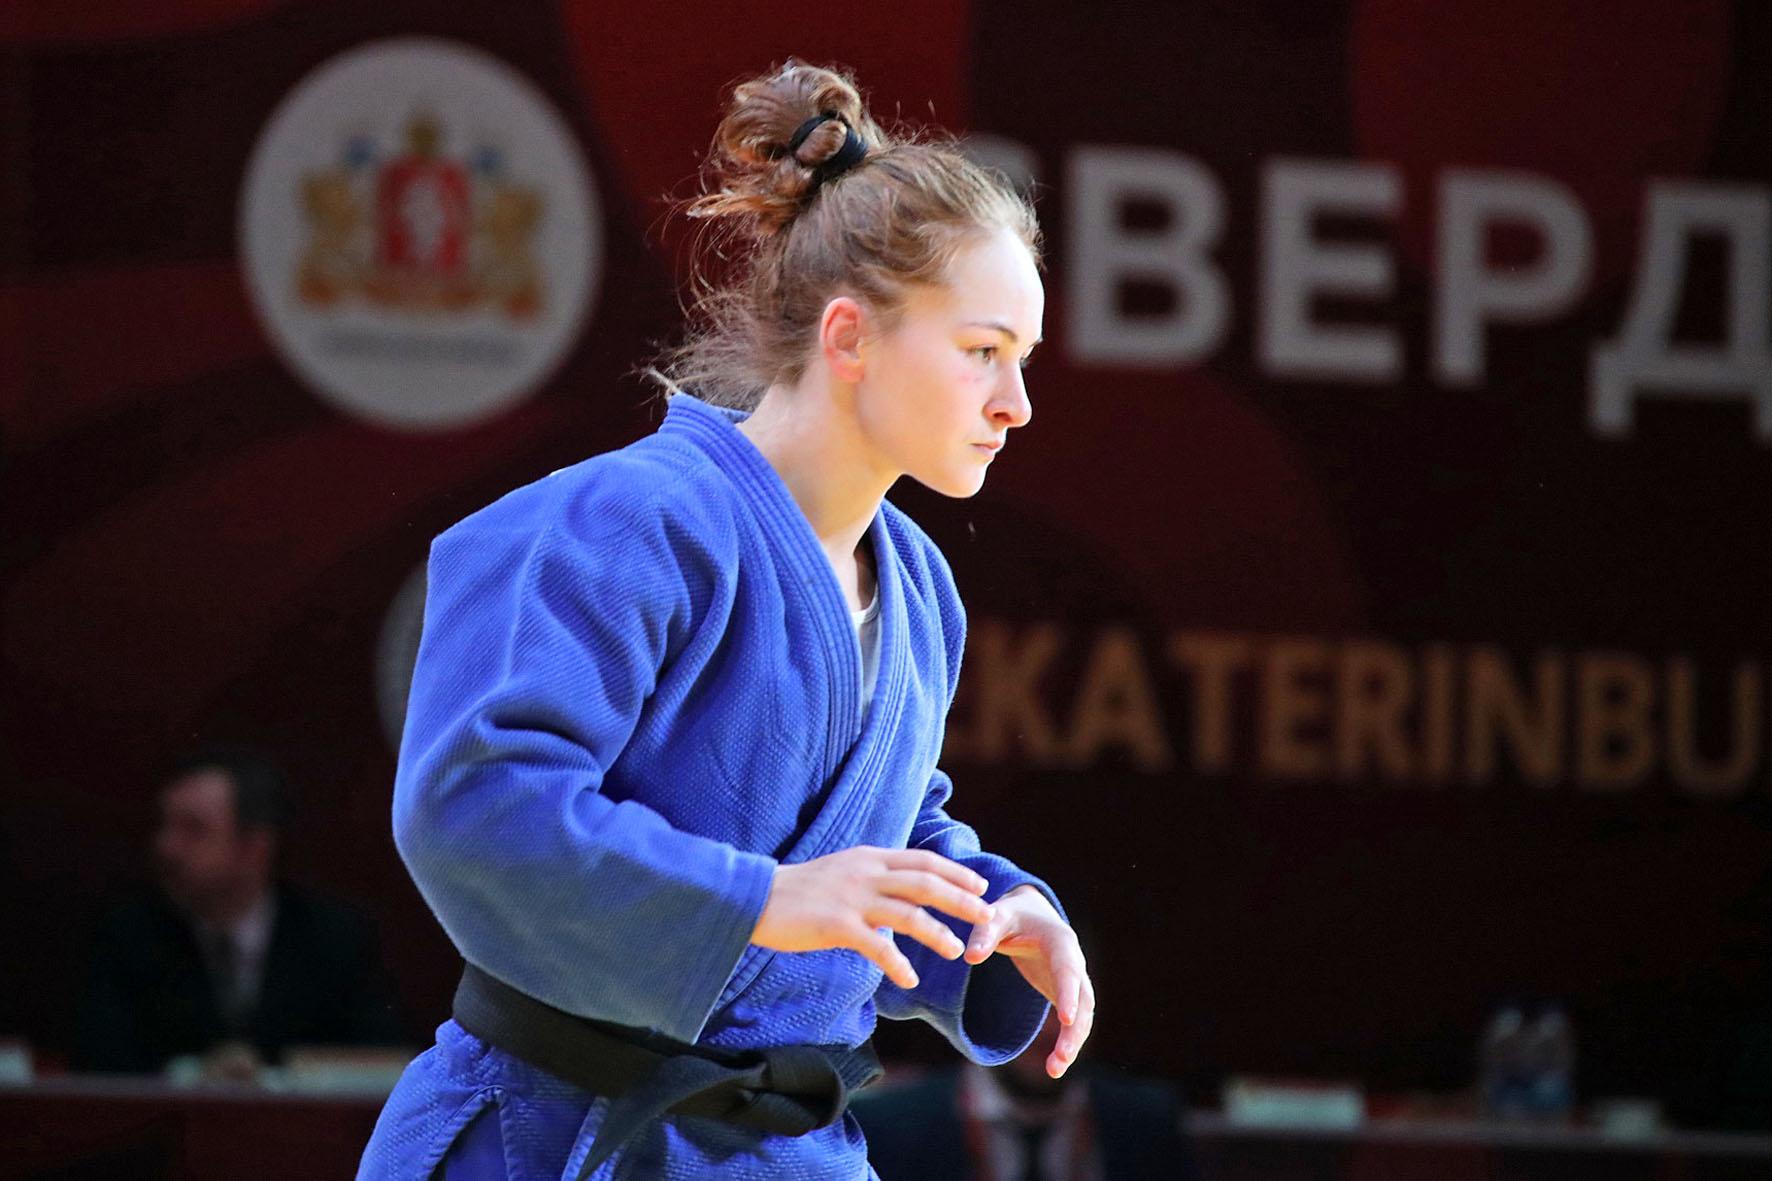 В Екатеринбурге участники международного турнира по дзюдо «Большой шлем» разыграли 154 тысячи долларов